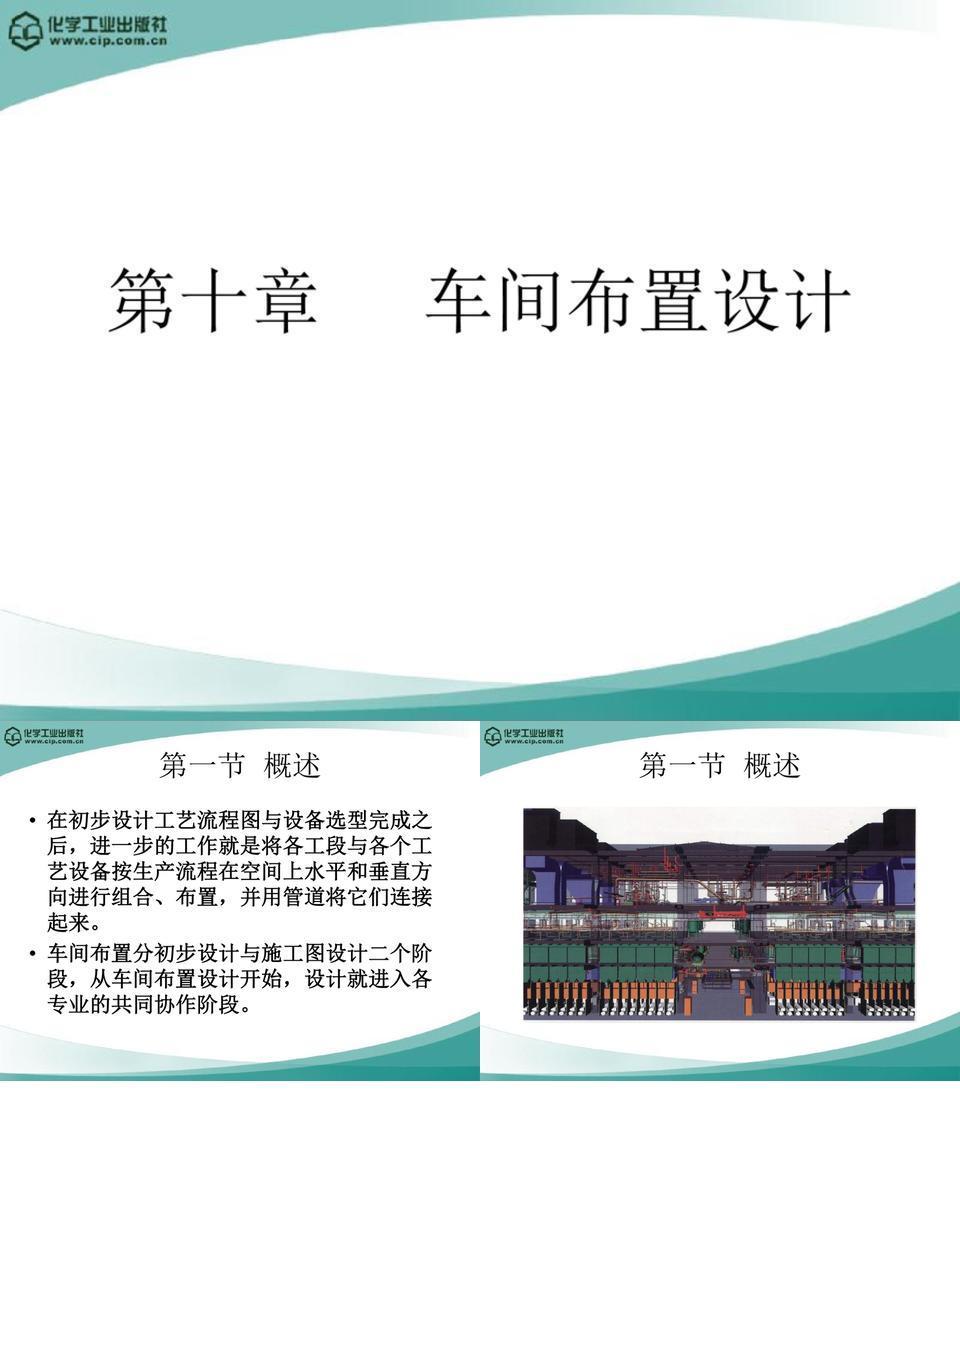 高分子材料加工厂设计(徐德增)第十章_车间布置设计.ppt